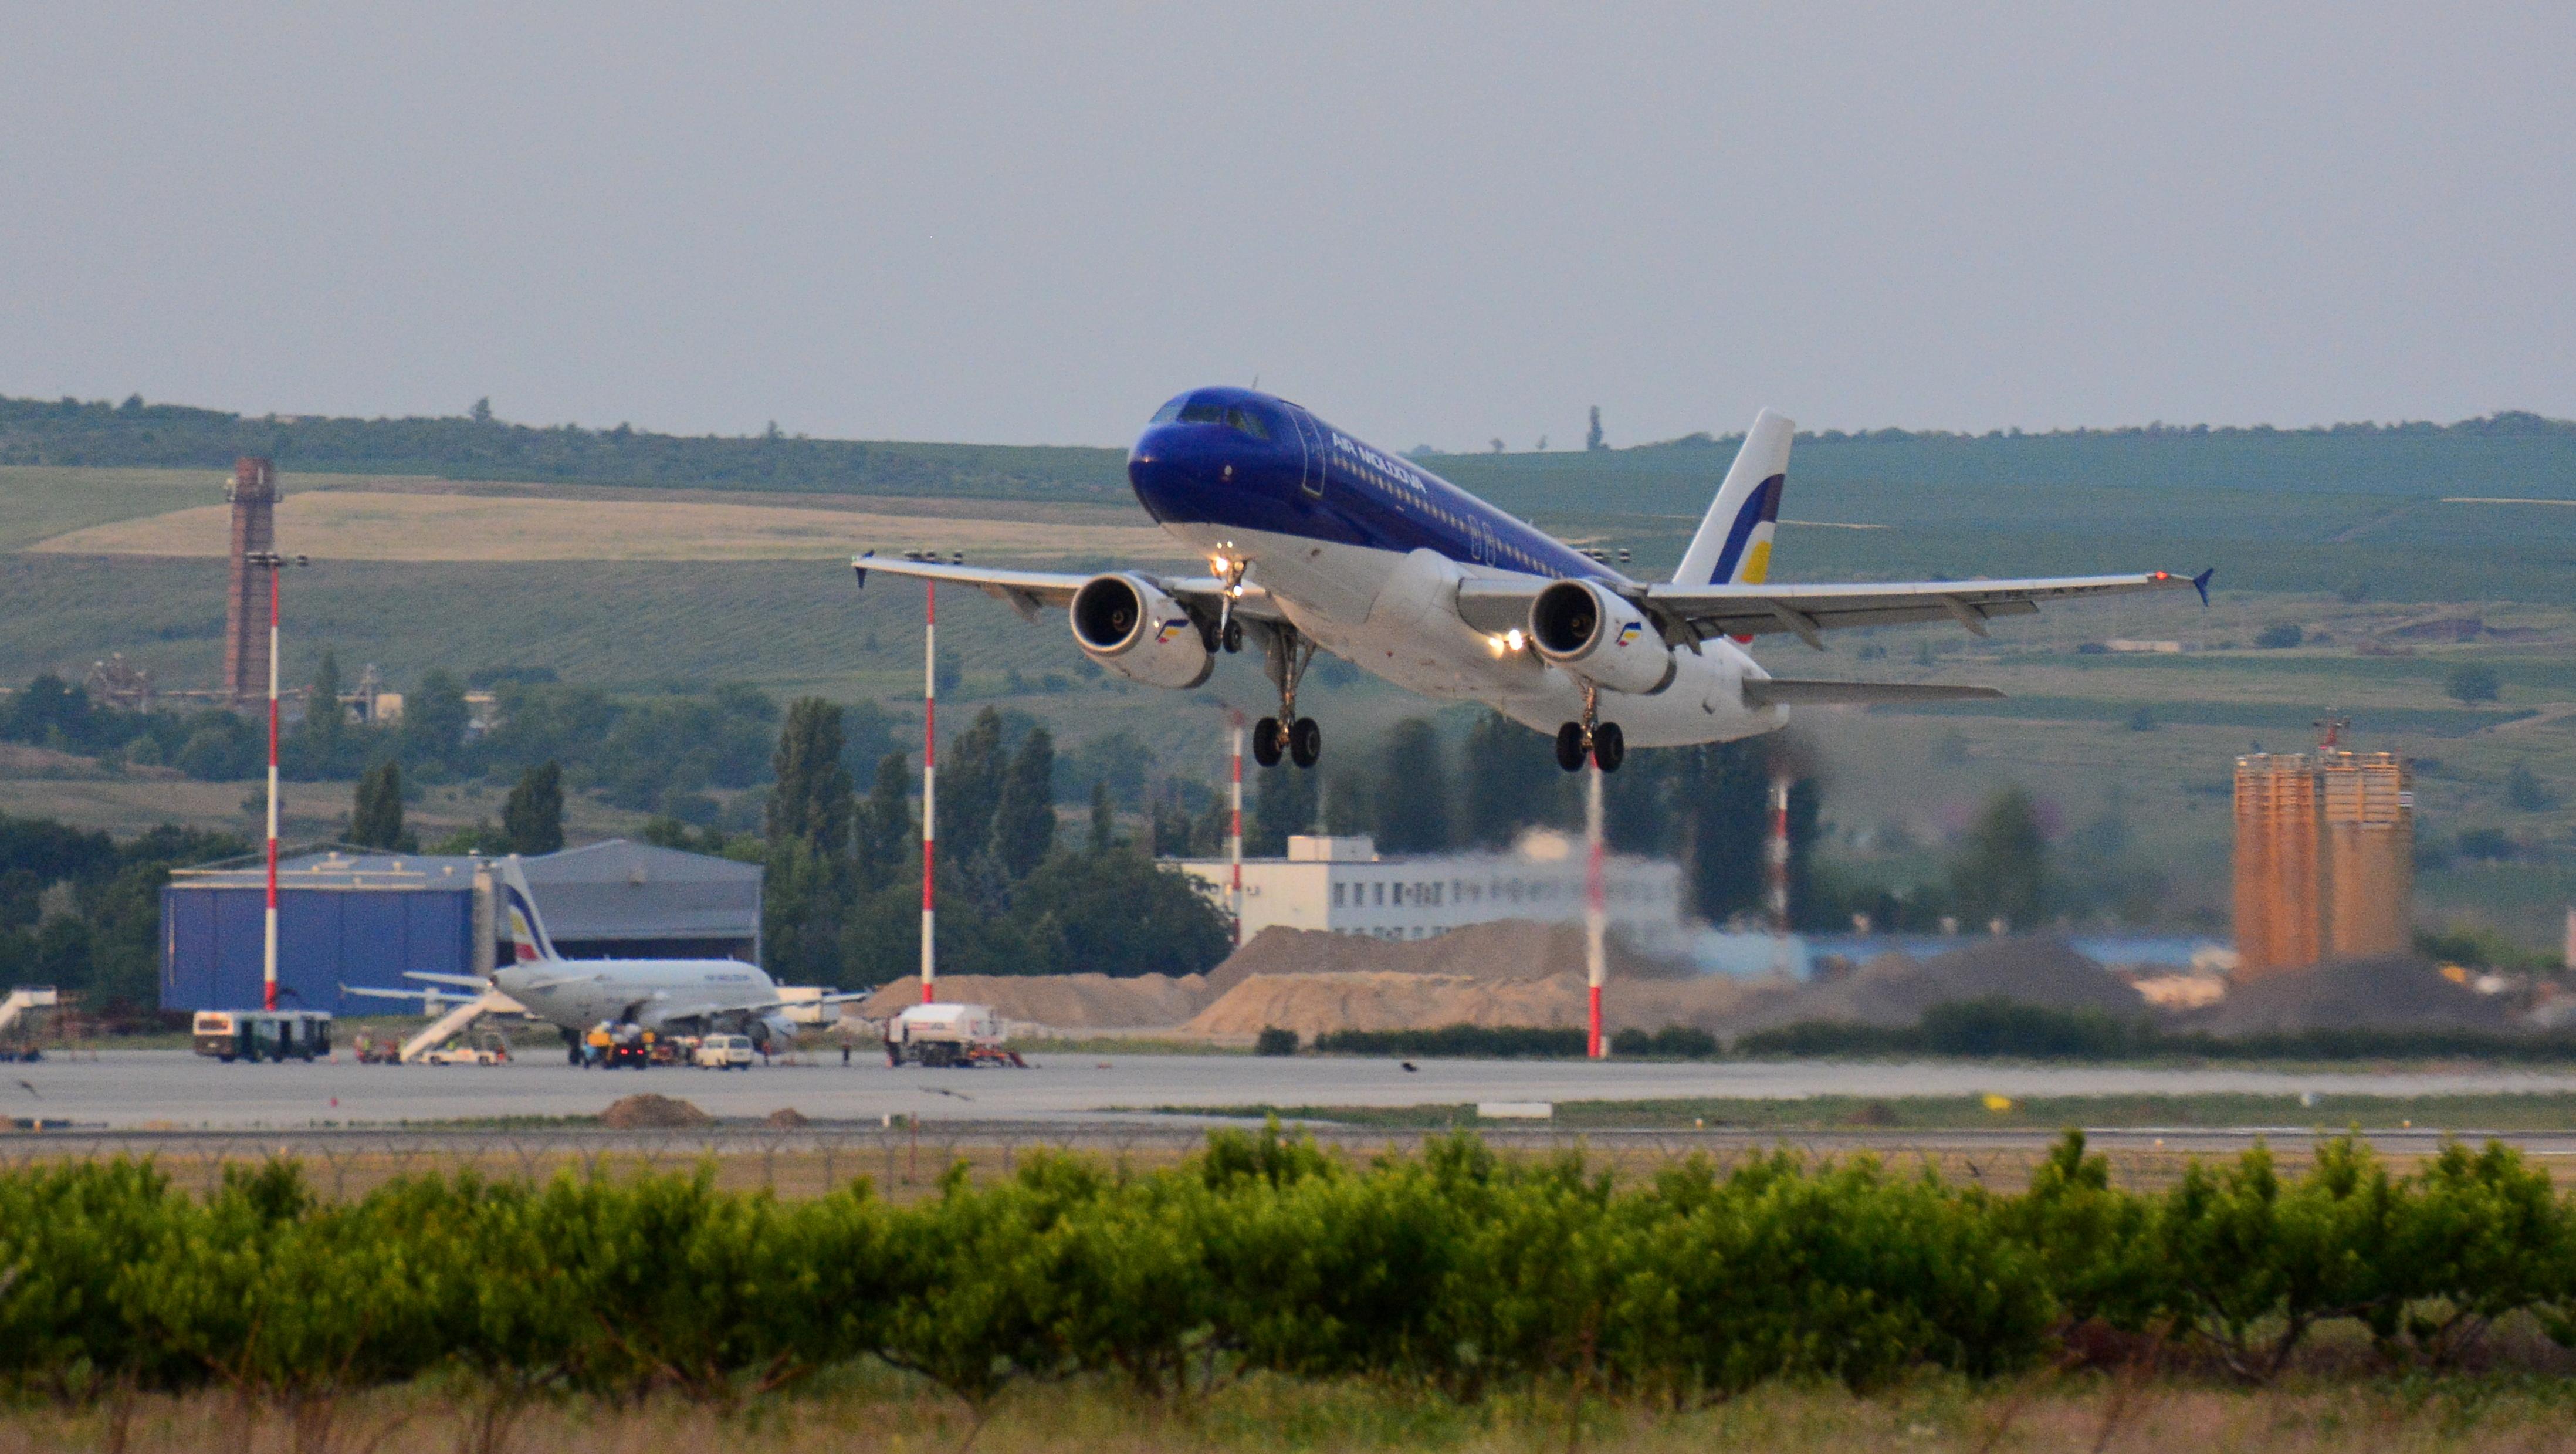 Airbus A320-233 ER-AXP